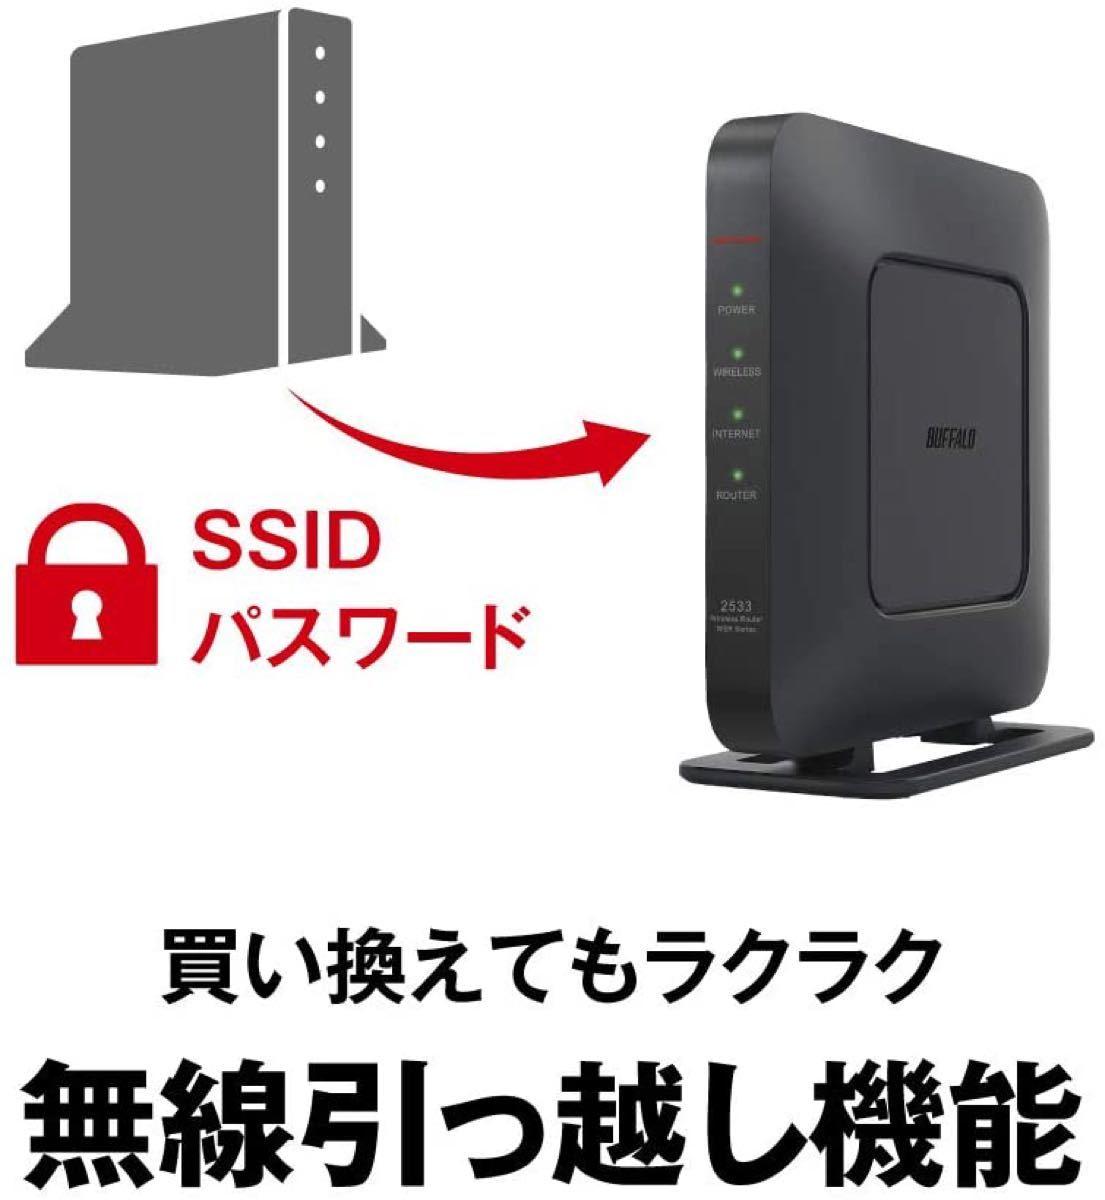 バッファロー 無線LAN親機 WSR-2533DHPL2-WH ホワイト WiFiルーター 1733+800Mbps IPv6対応